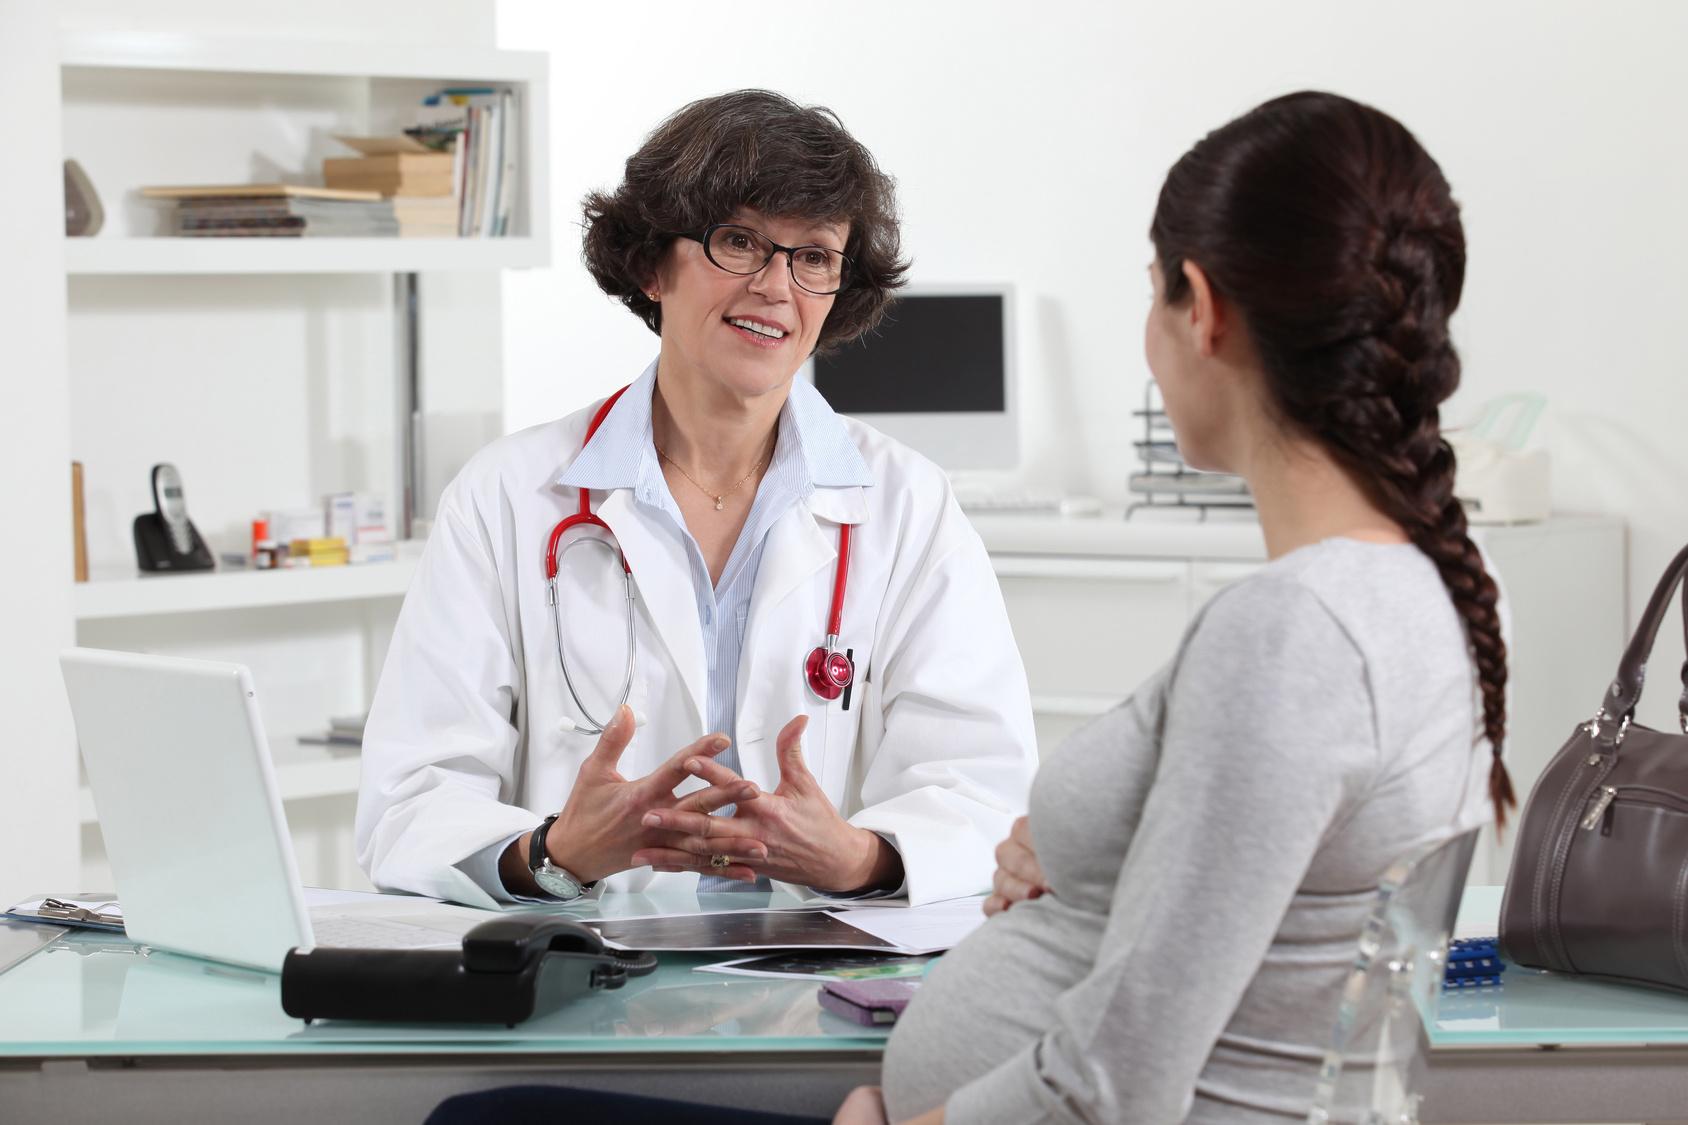 Кистома яичника – доброкачественная опухоль, которая представляет собой полость, заполненную жидкостью. Может увеличиться в диаметре до 10 - 15 см. Чаще всего встречается у женщин после 30 лет.